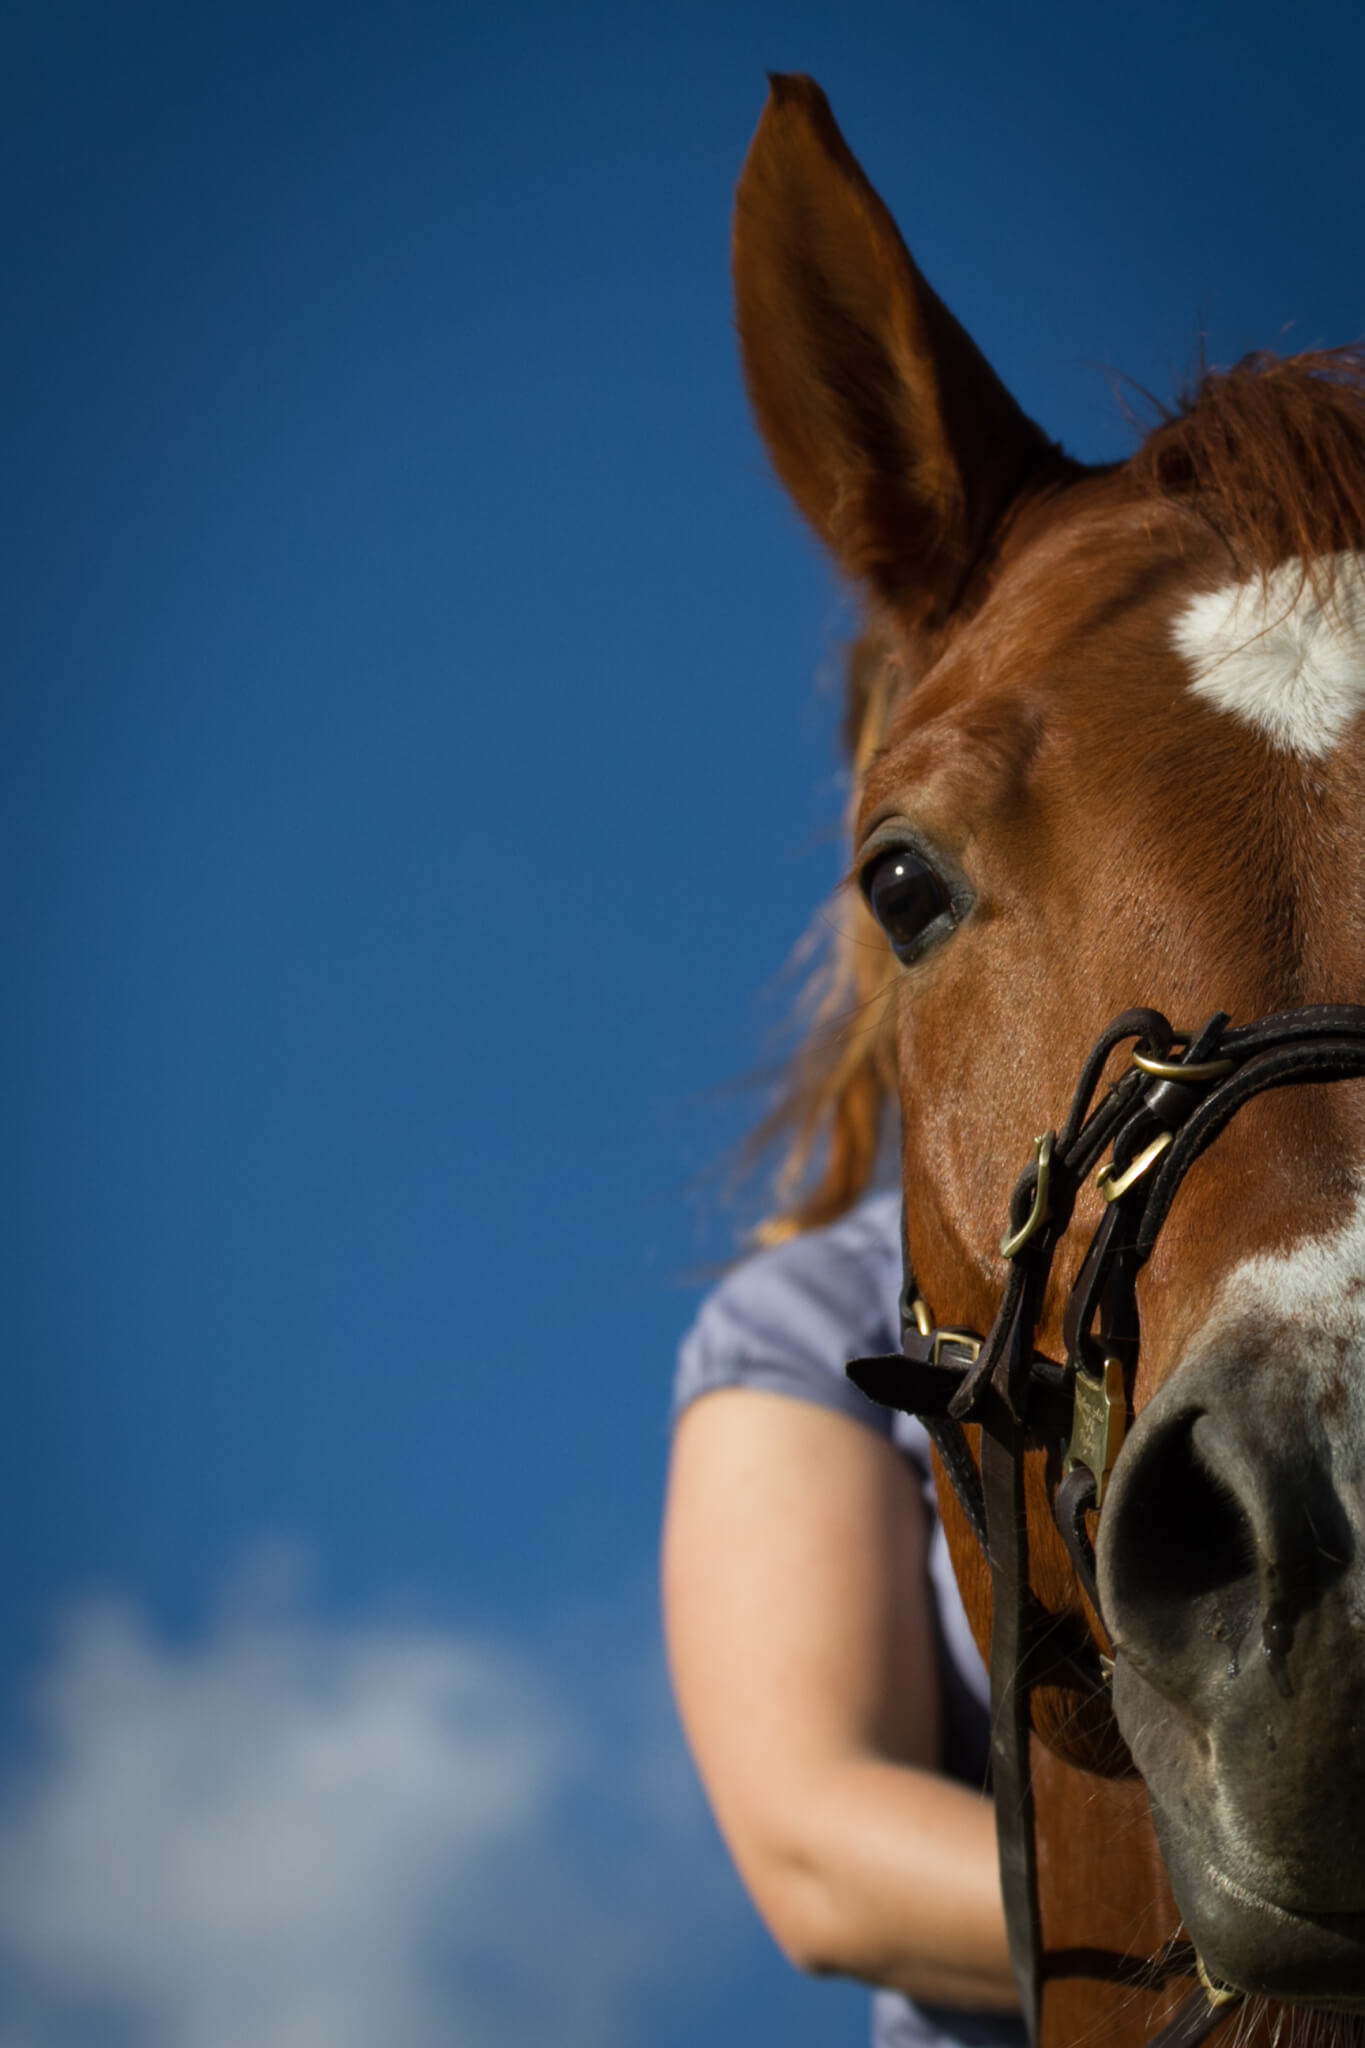 Wer bin ich in den Augen meines Pferdes?